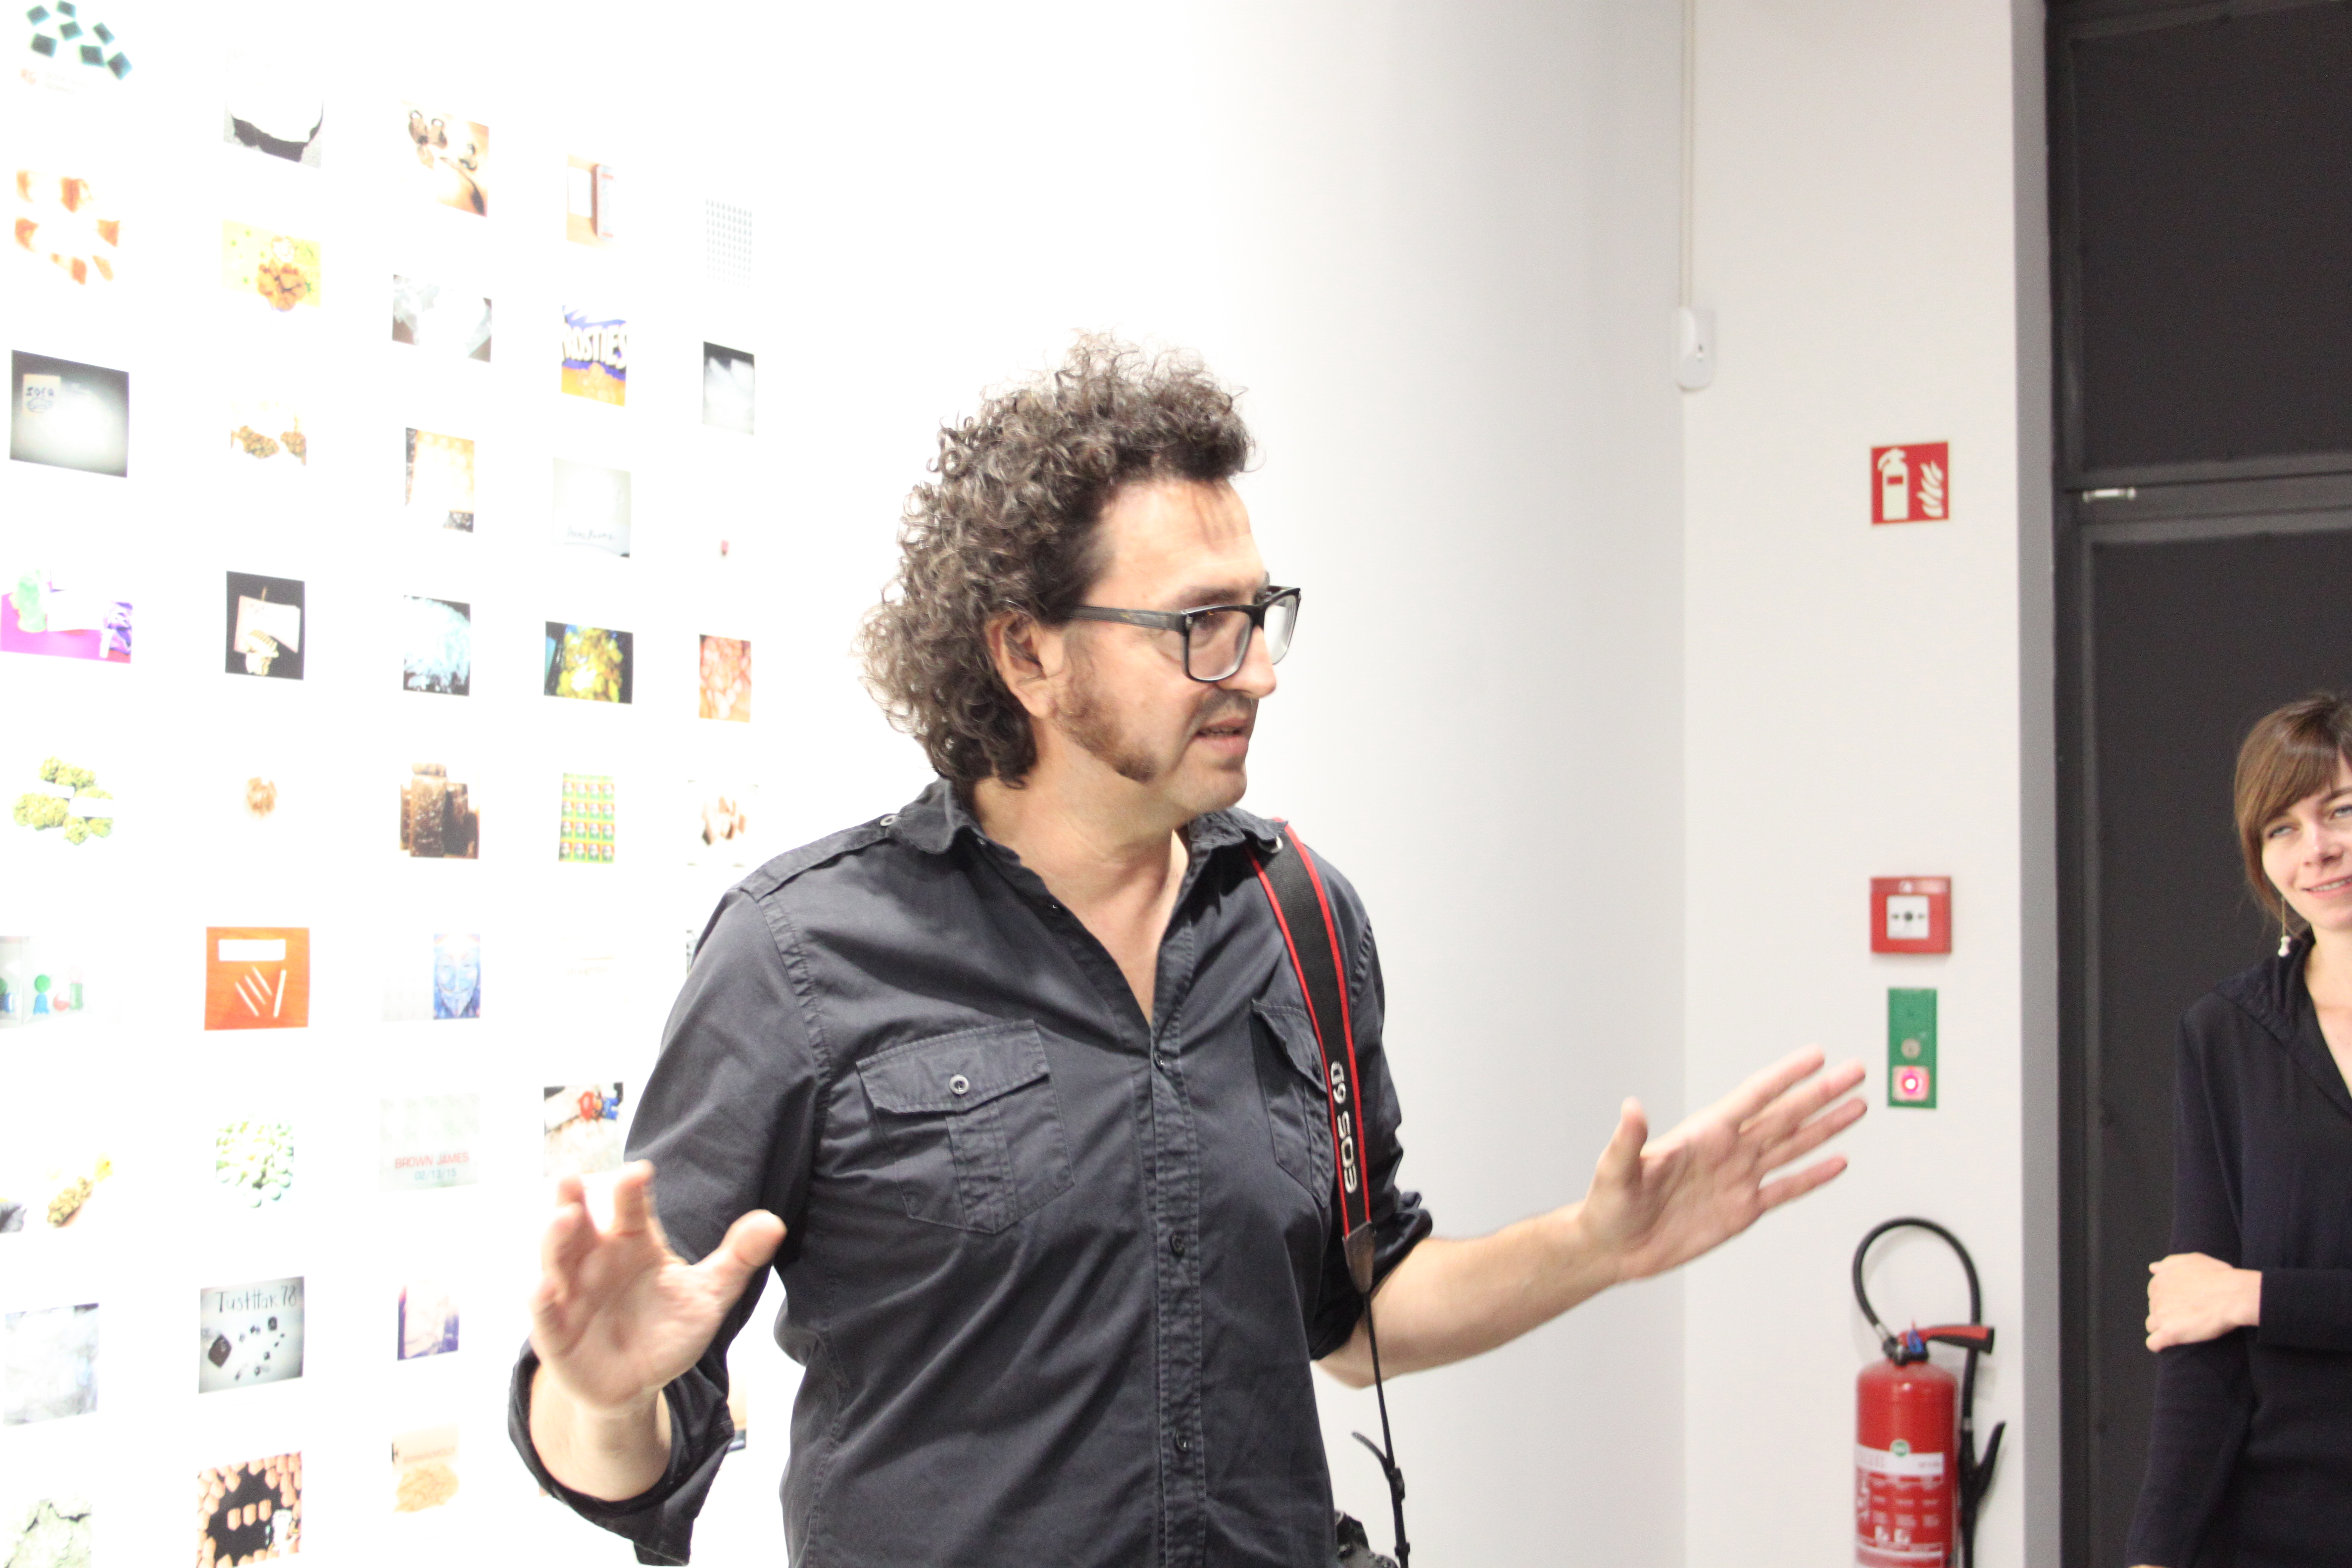 Künstler Daniel G. Andújar im Haus der elektronischen Künste.